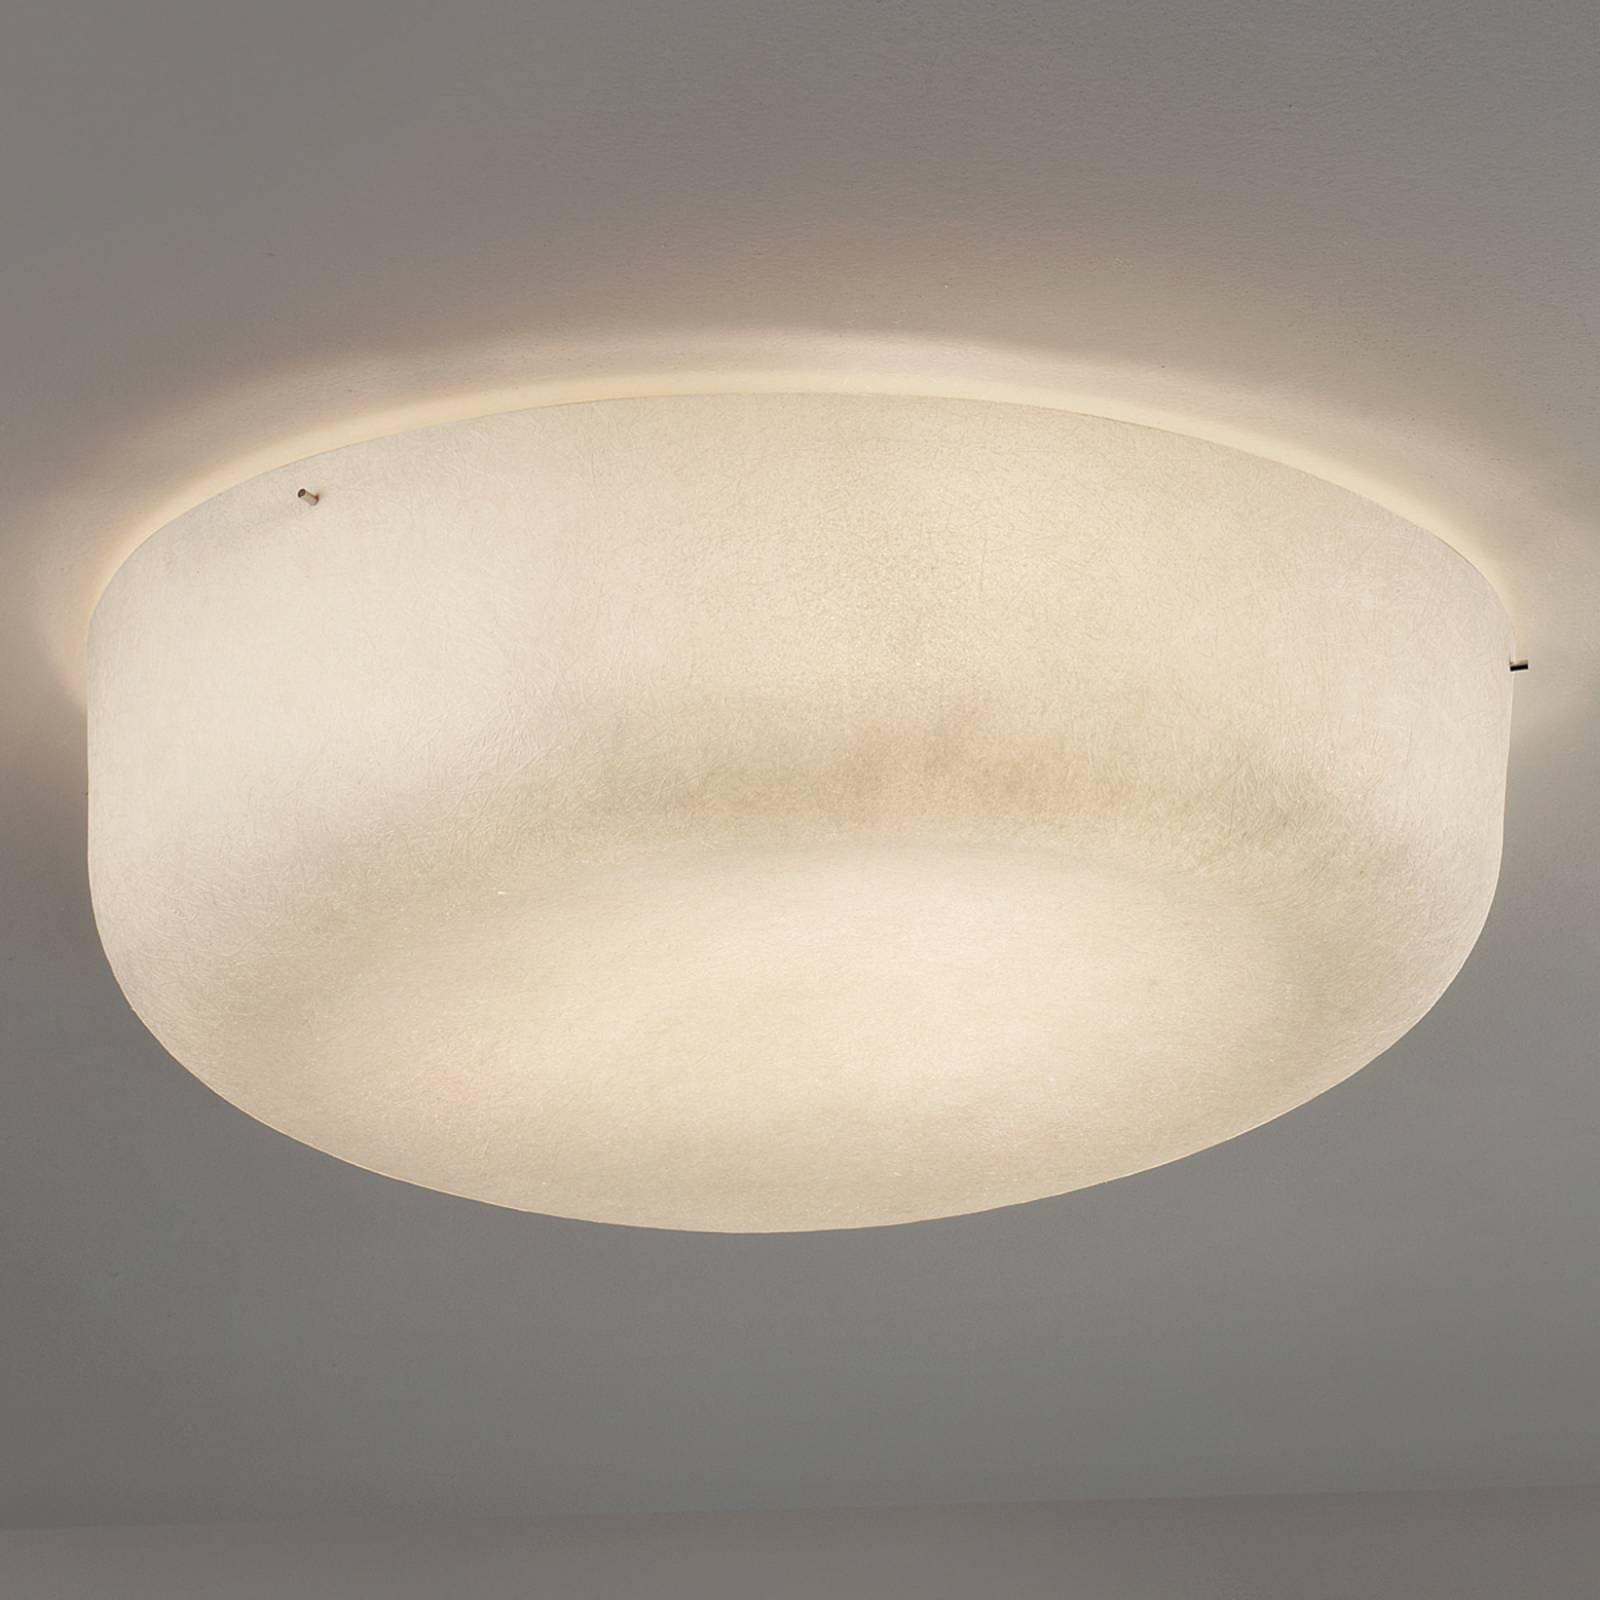 Taklampe Ola Slim av glassfiber, hvit